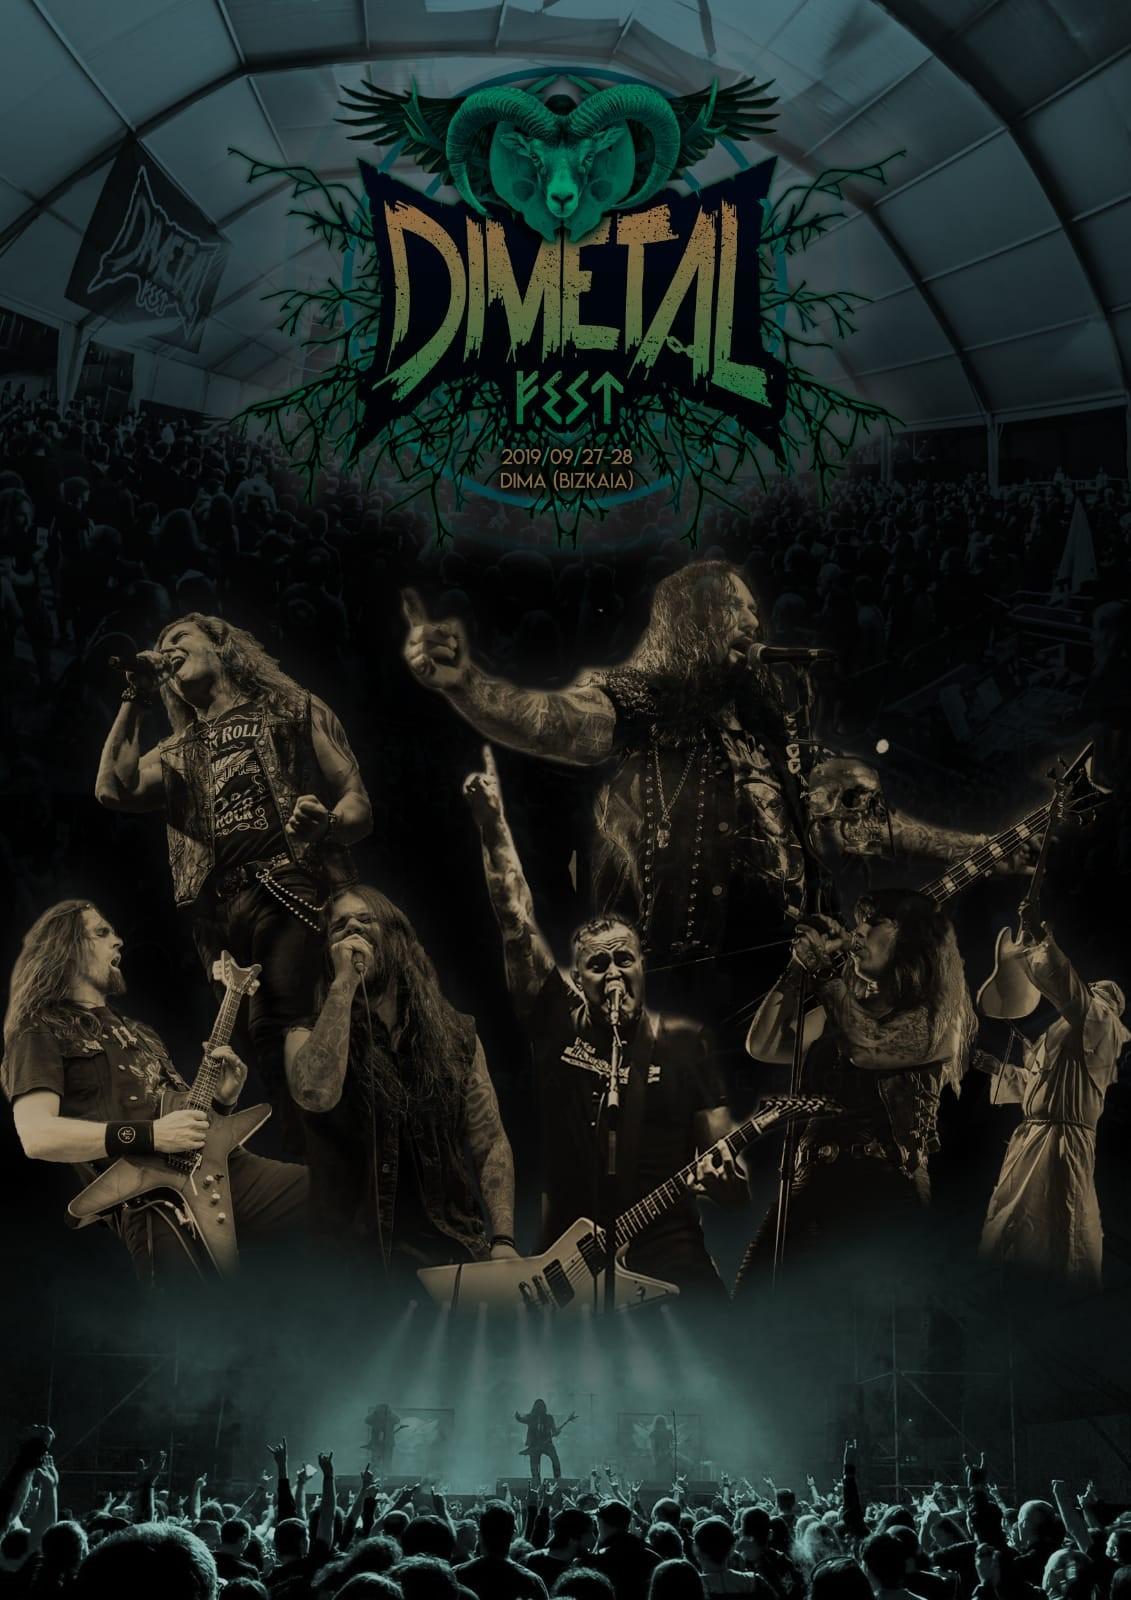 Dimetal Fest Cartel